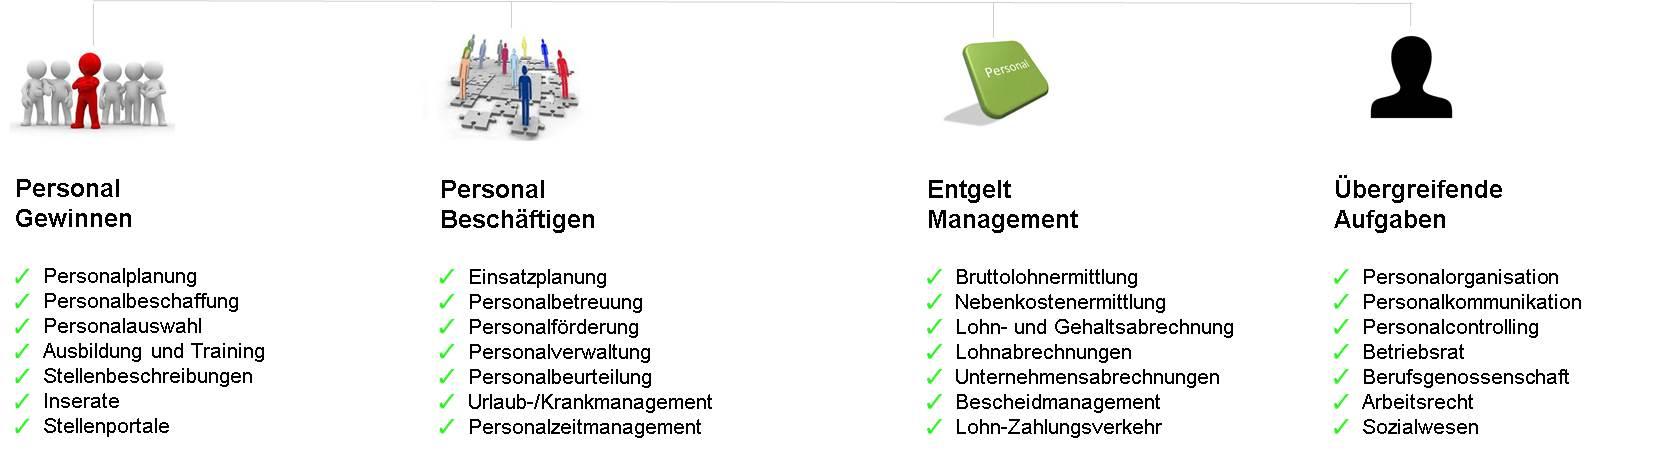 Aufgaben im Personalmanagement